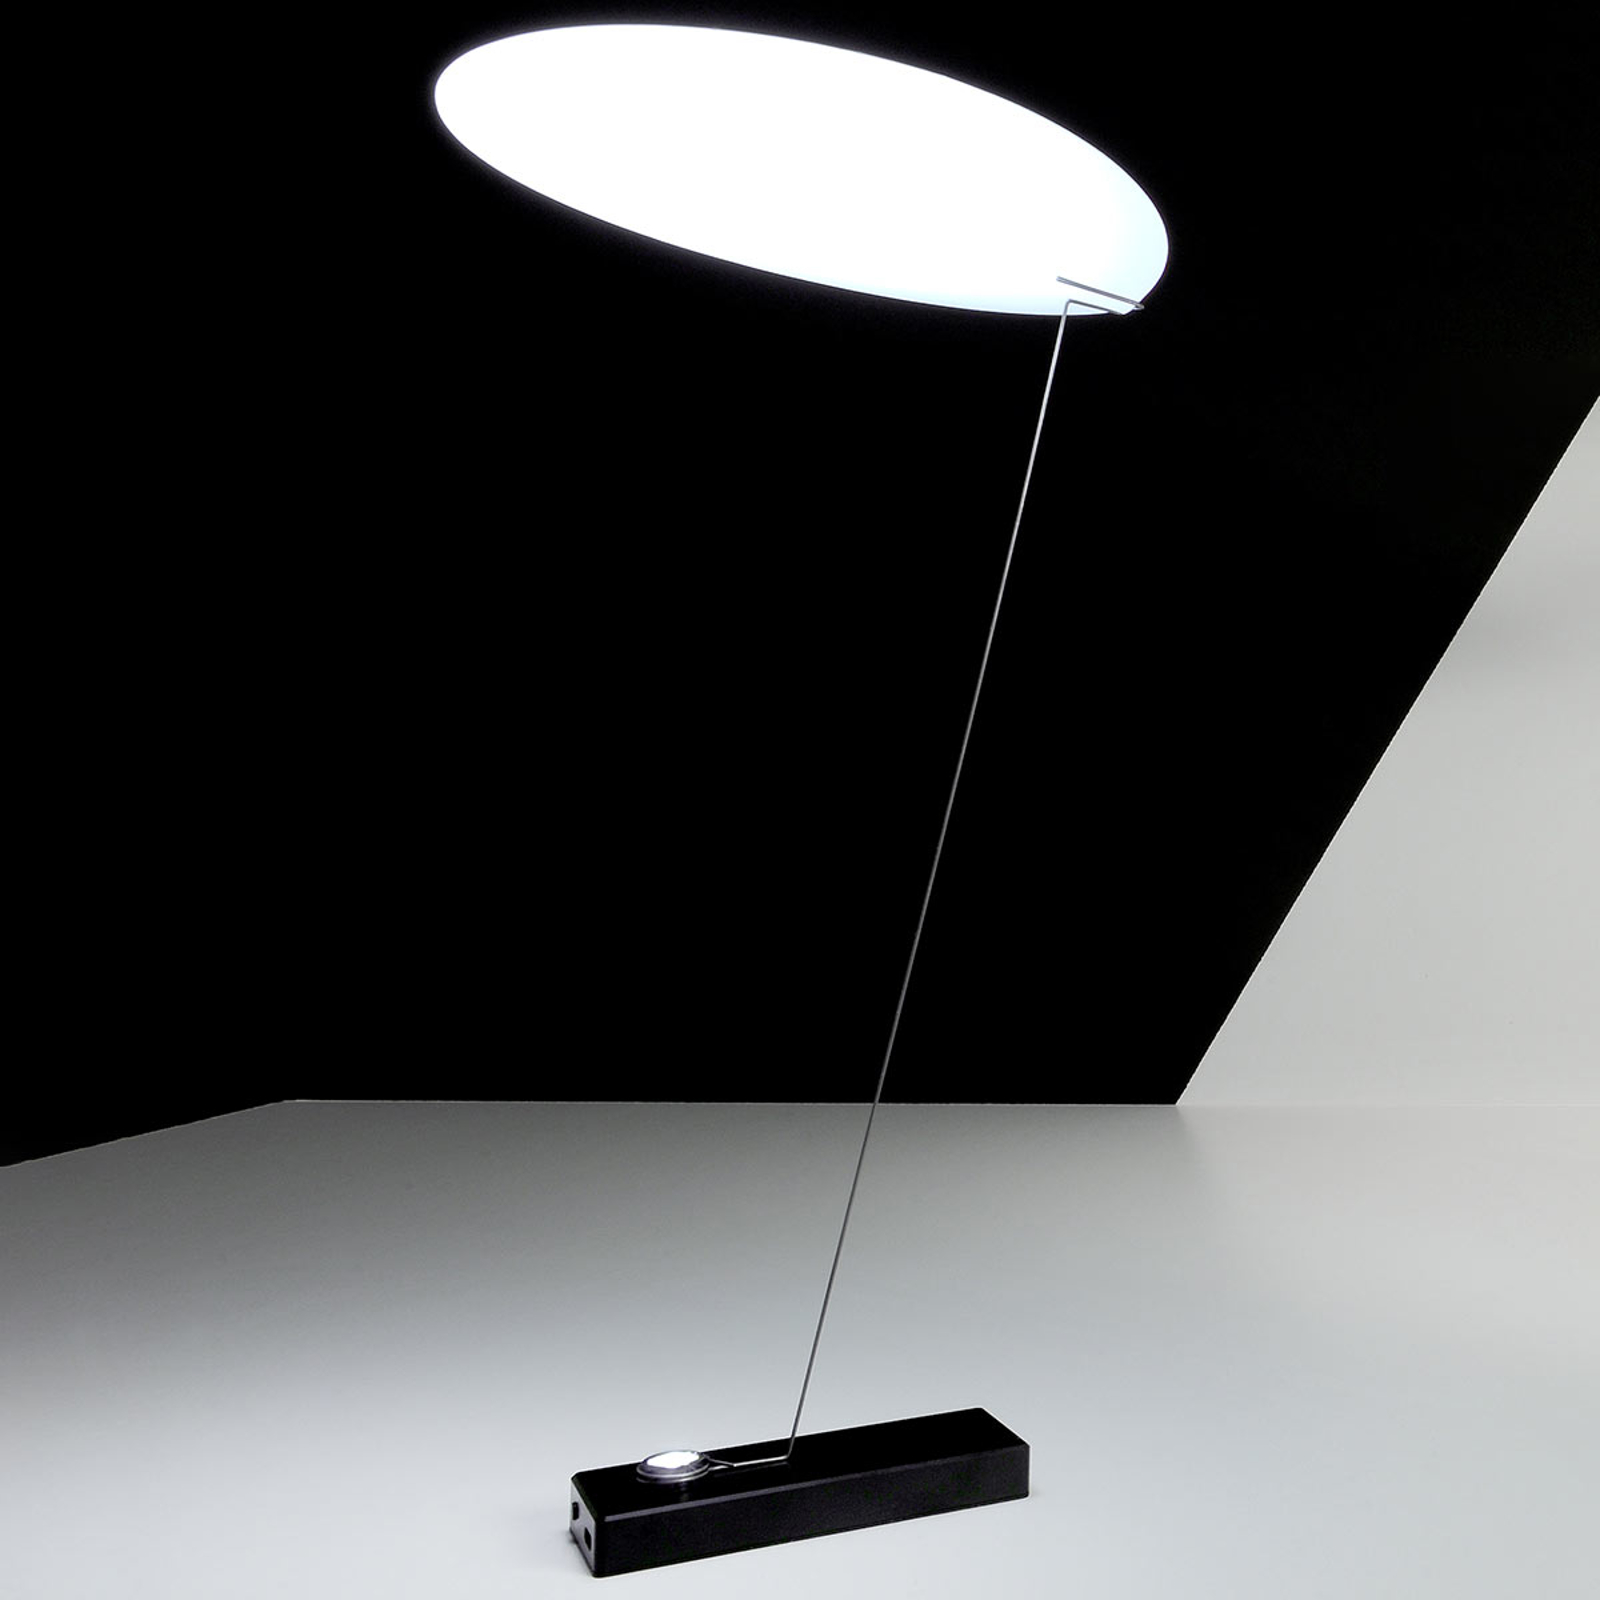 Ingo Maurer Koyoo – LED-designbordlampe